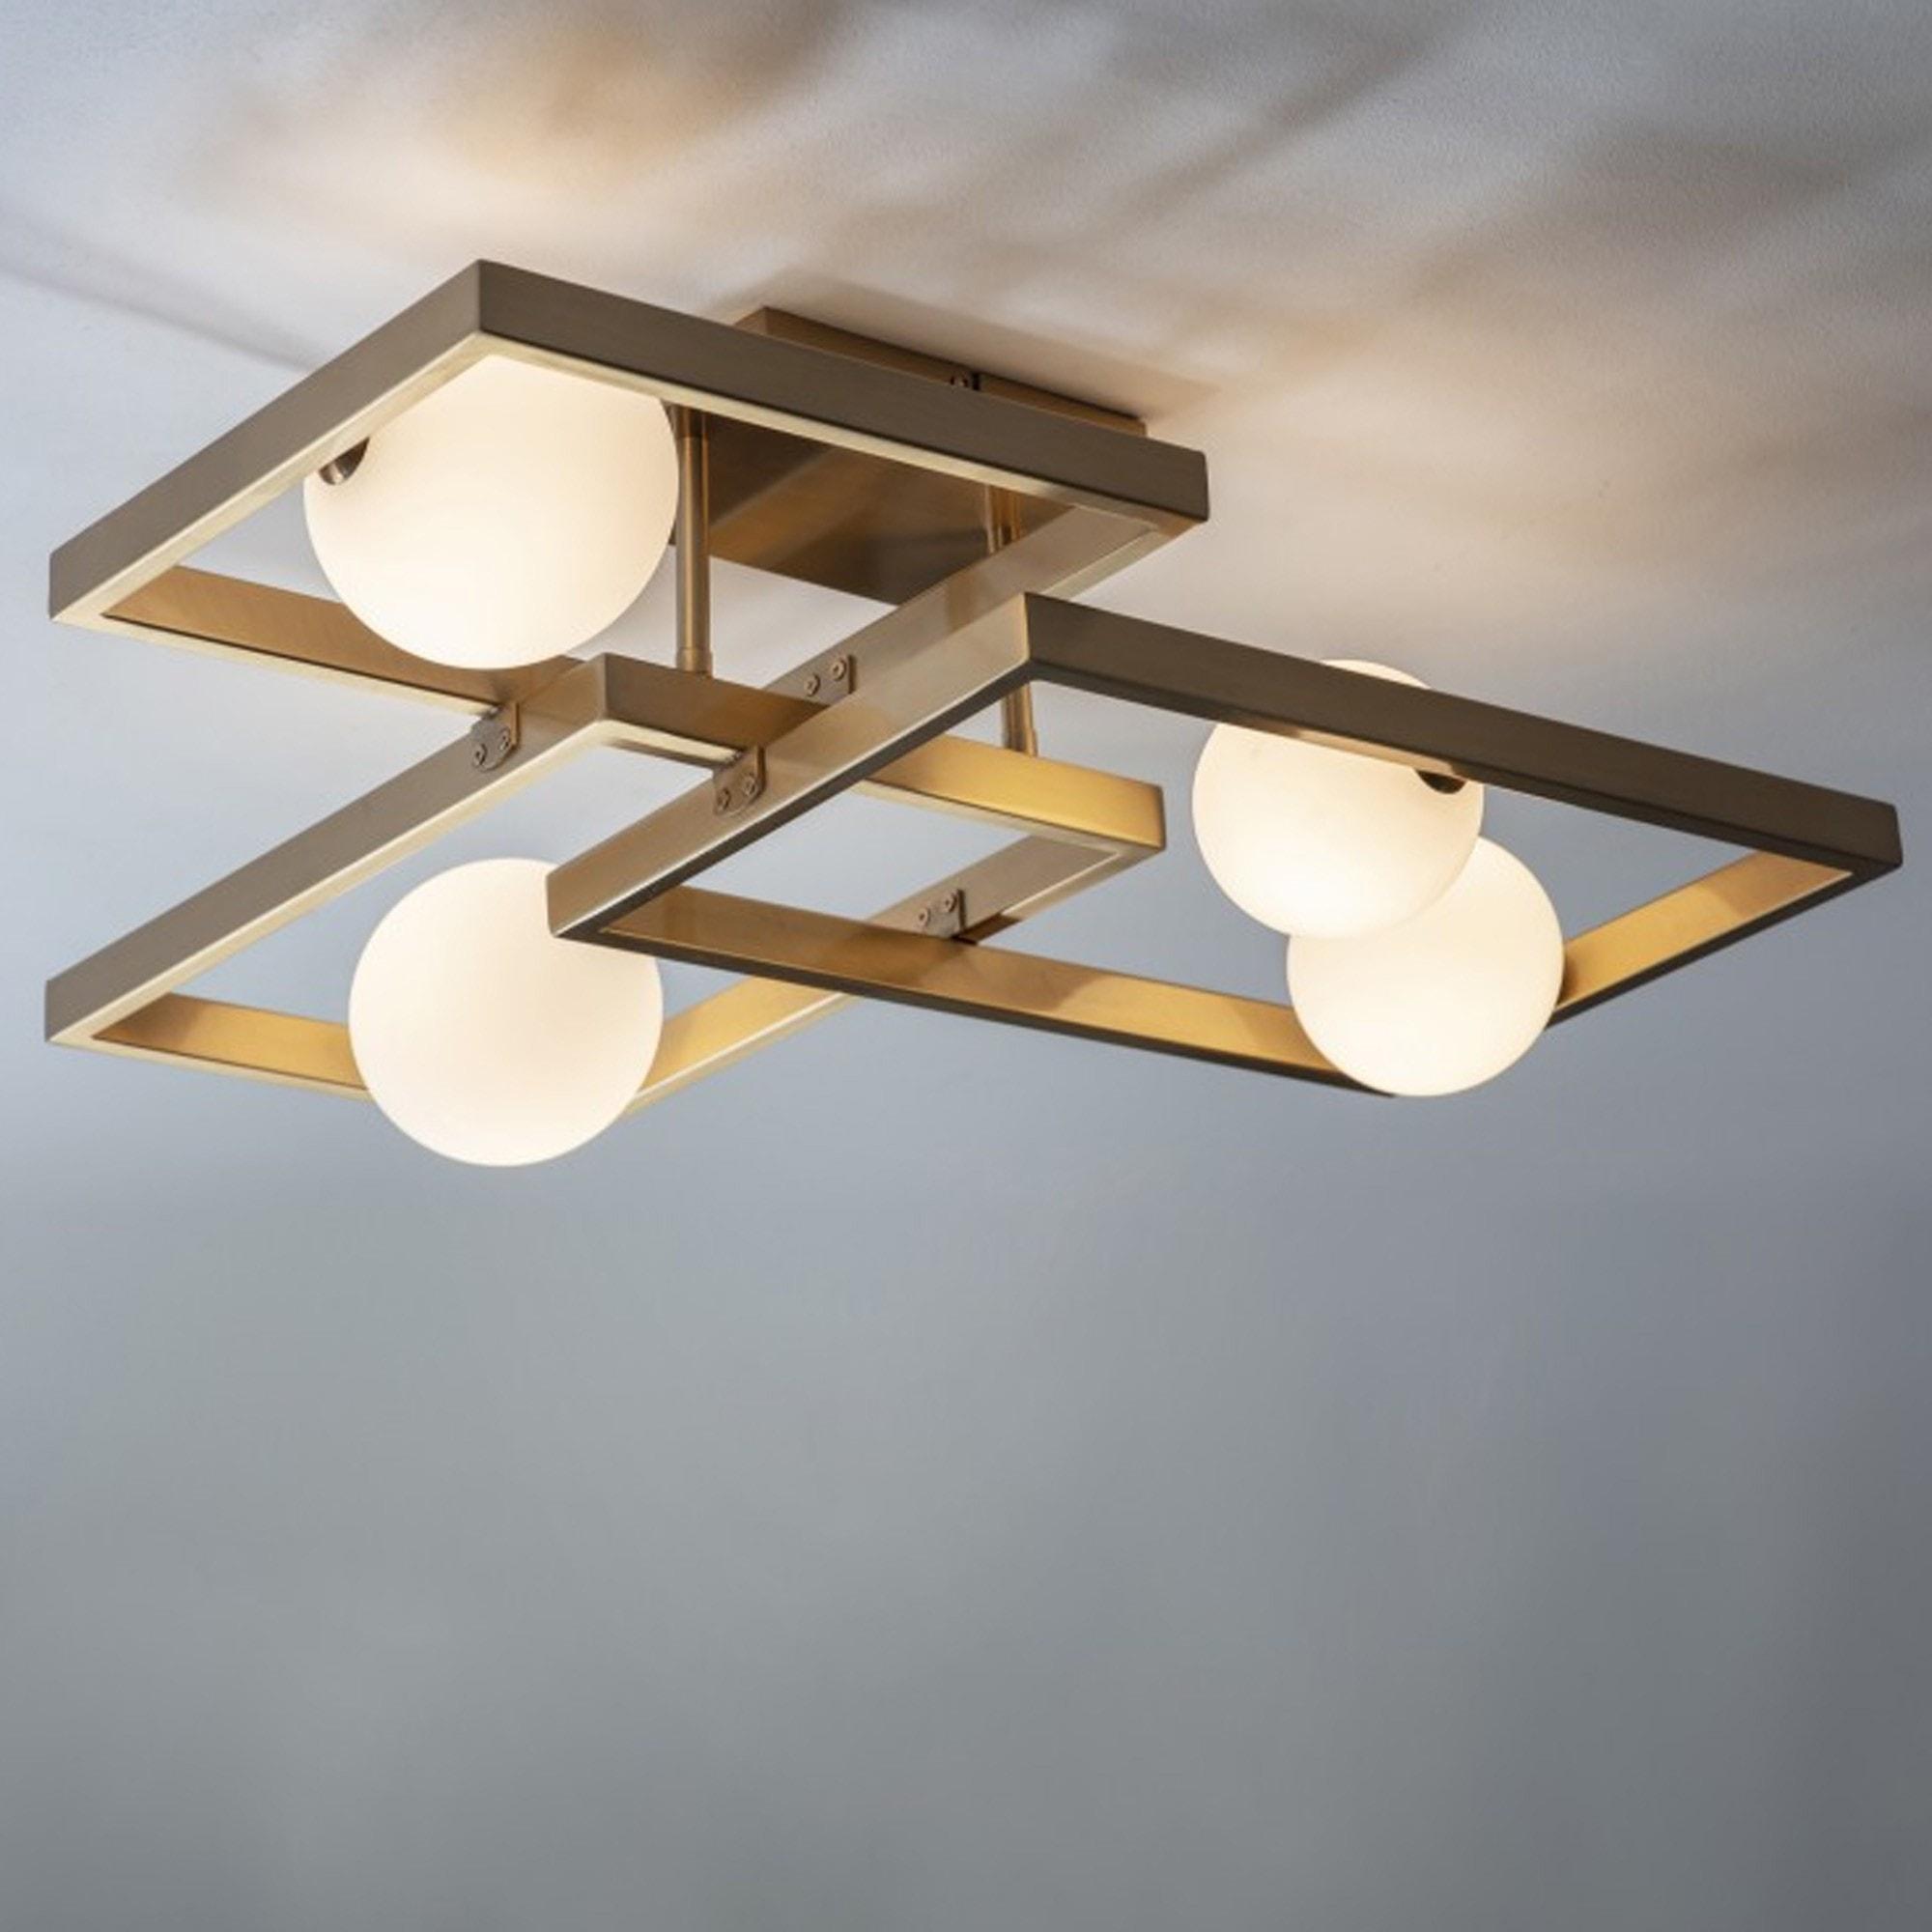 Vizo Ceiling Light